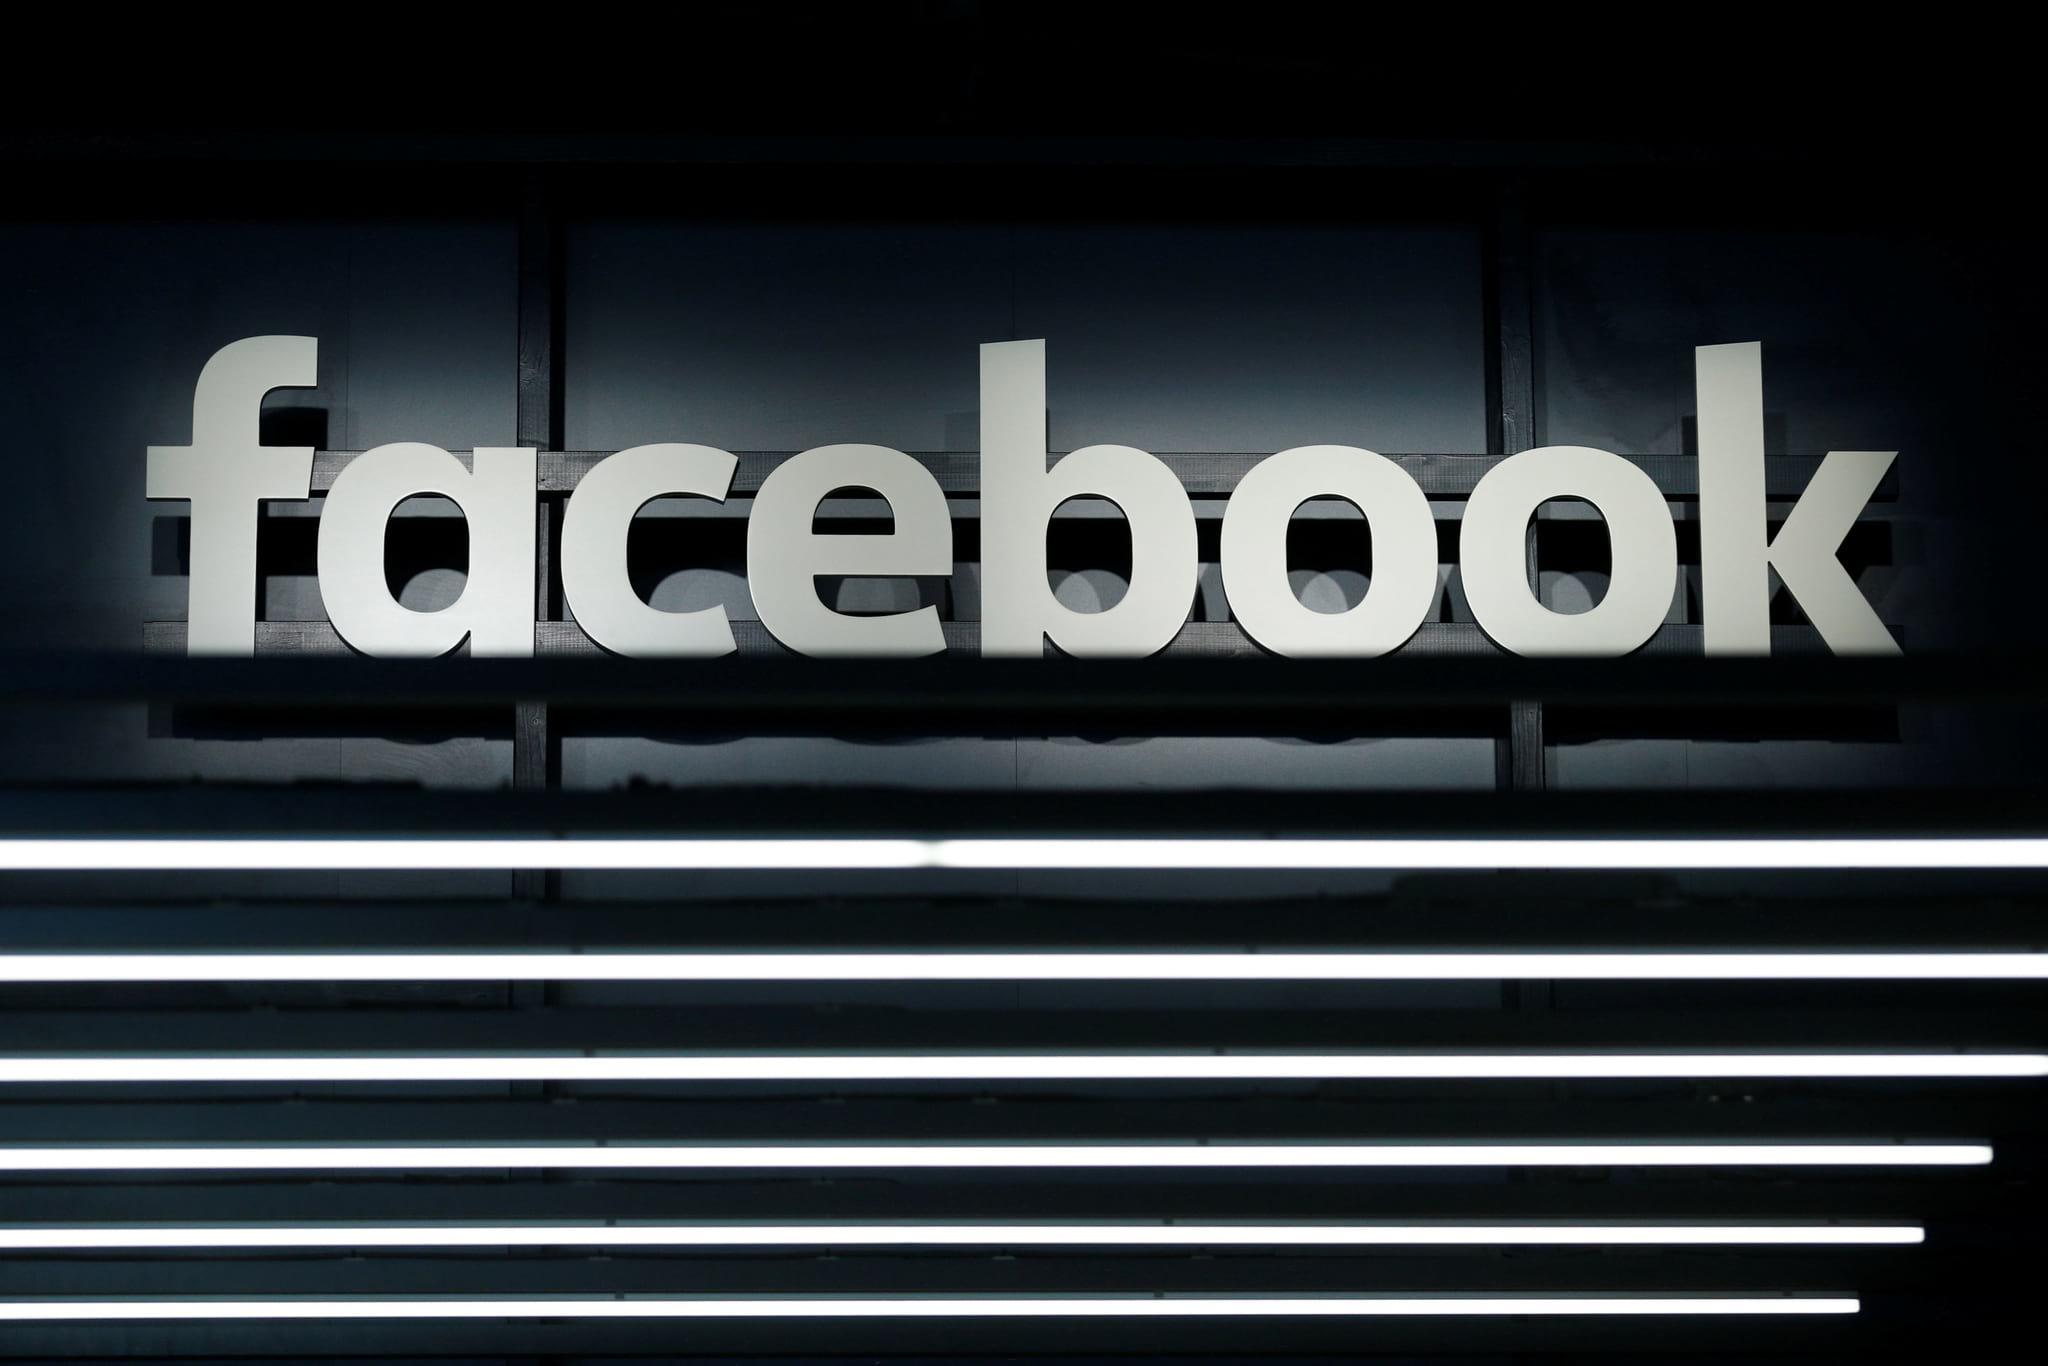 PÚBLICO - Facebook quer mais humanos na equipa depois de algoritmos permitirem publicidade preconceituosa